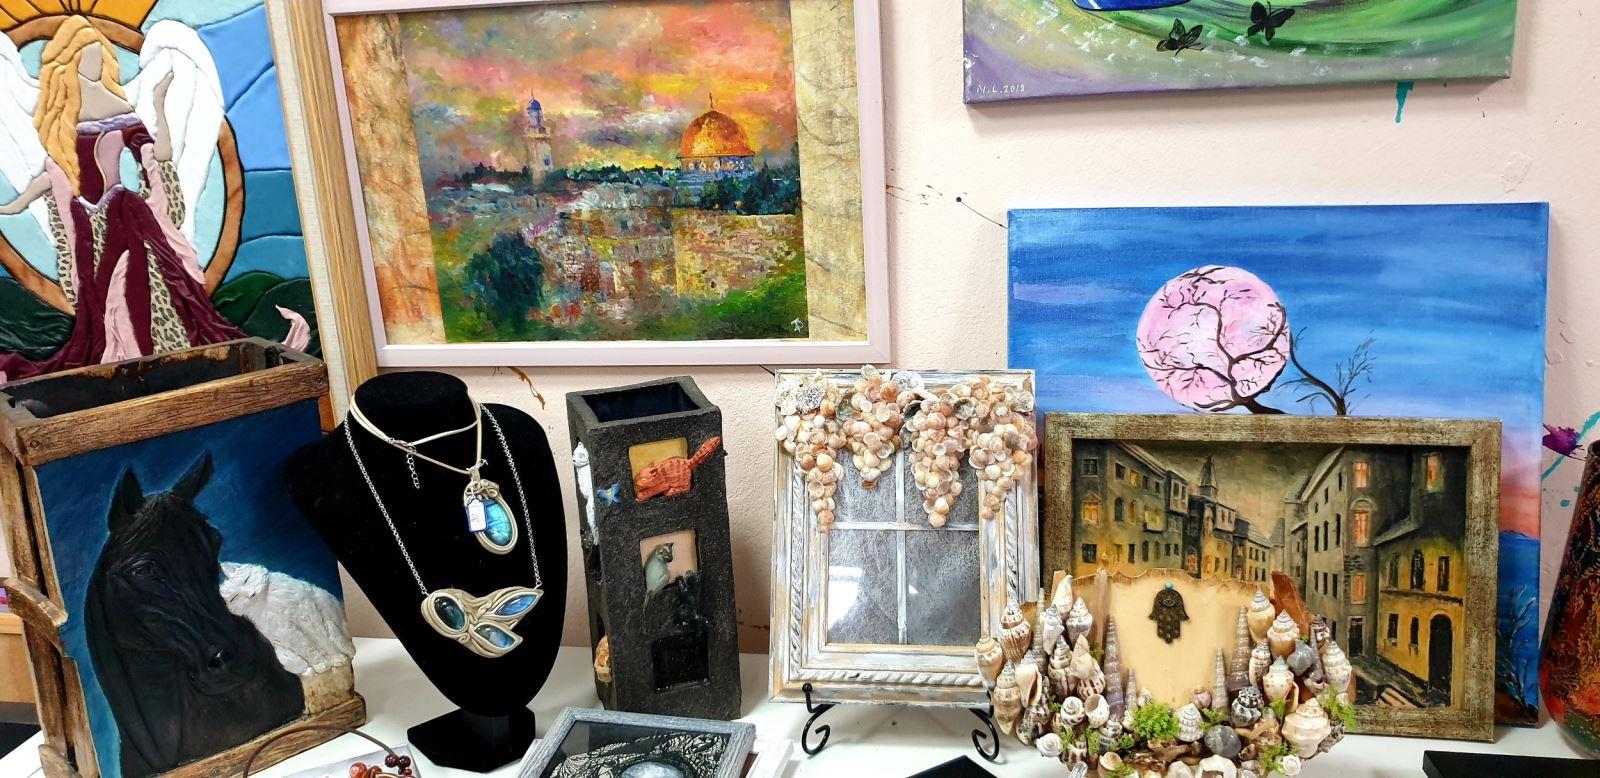 אמנות בצל הקורונה: סיורים וירטואליים בגלריה